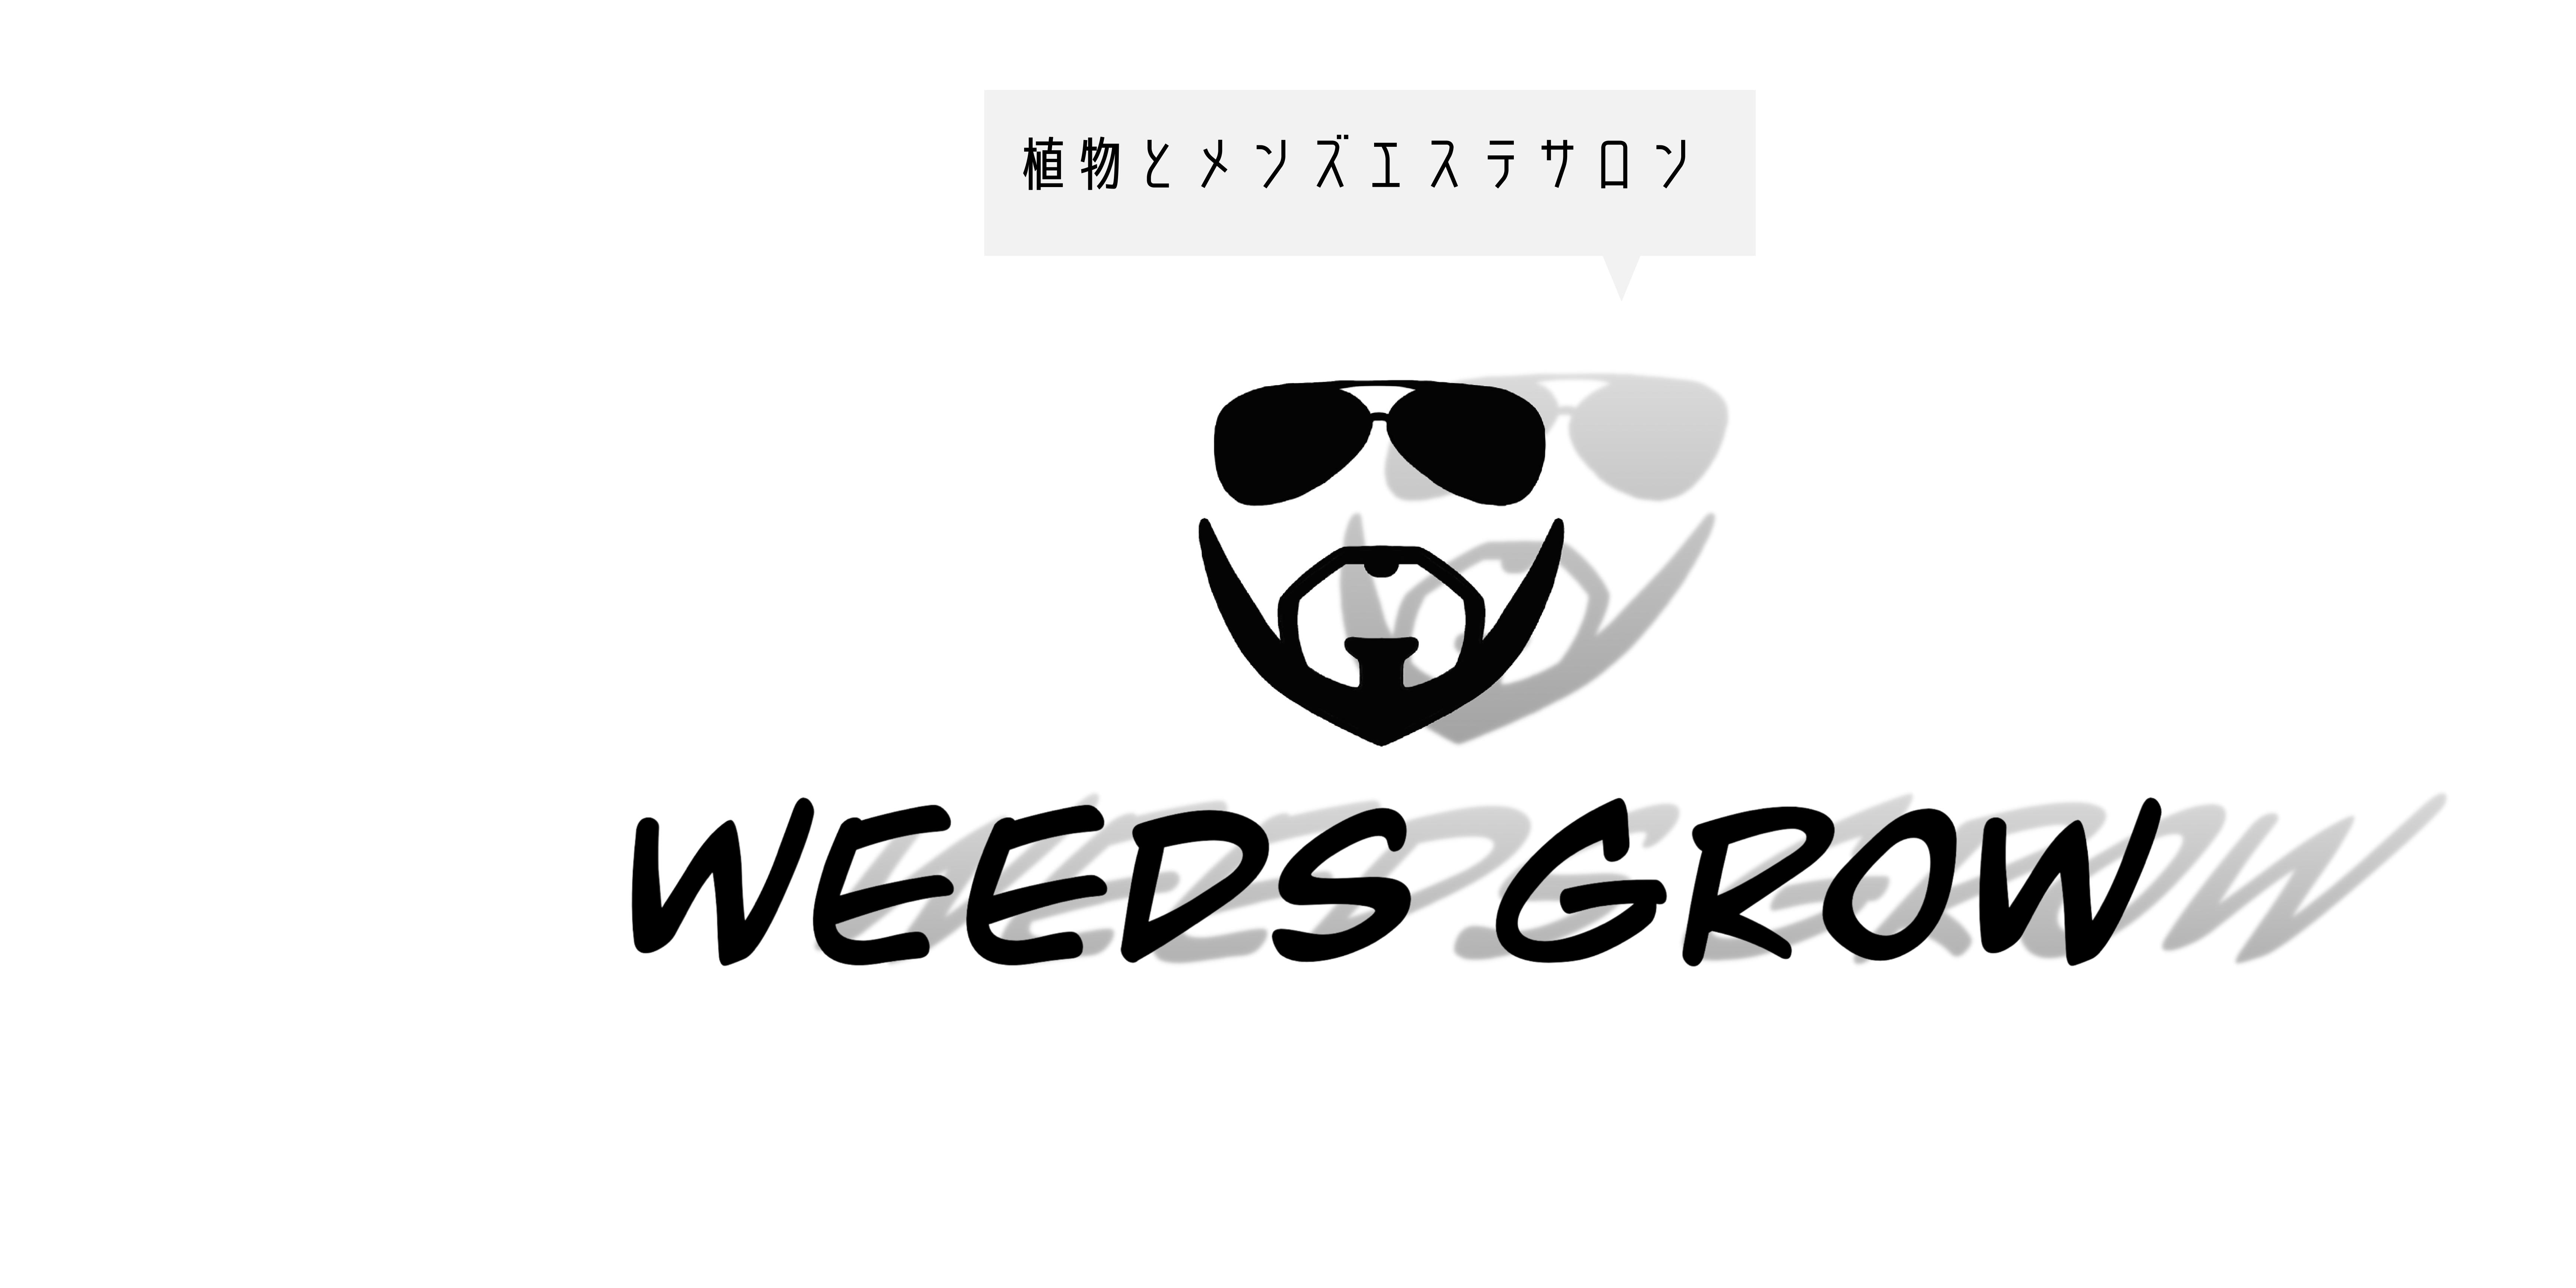 WEEDS GROW